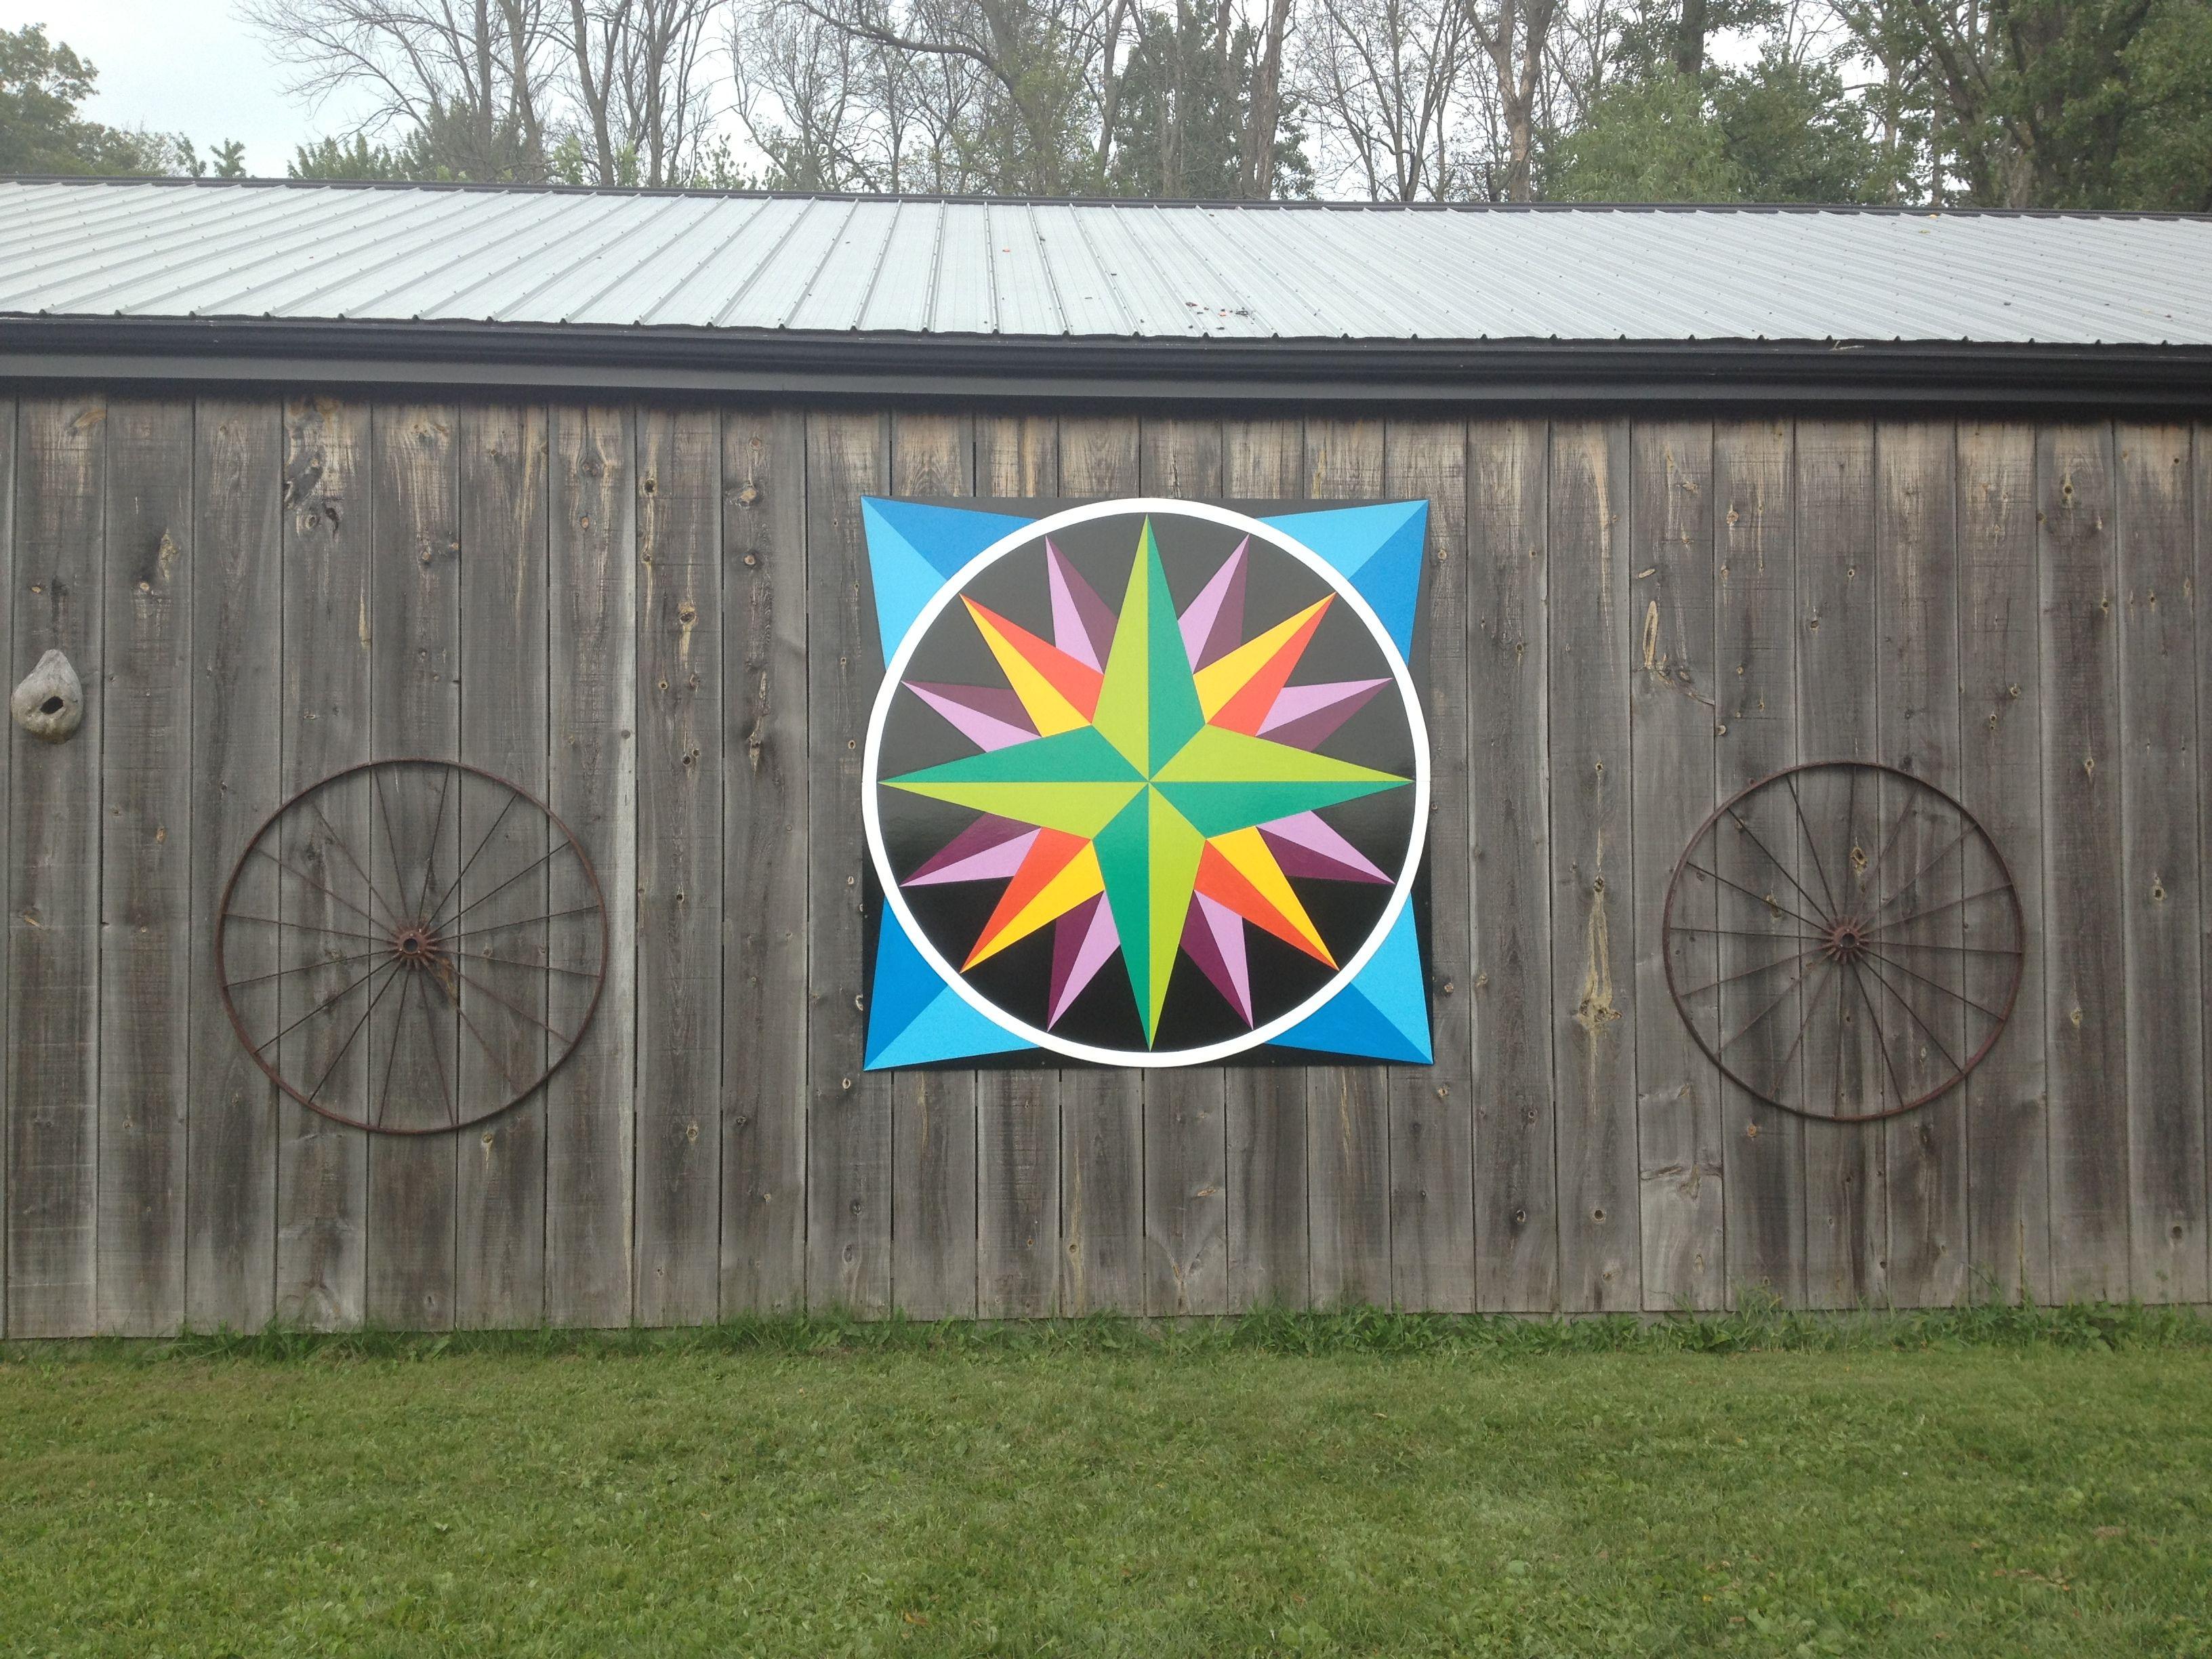 Poplar Hill, ON. 7' Barn Quilt | Buy a Barn Quilt ...